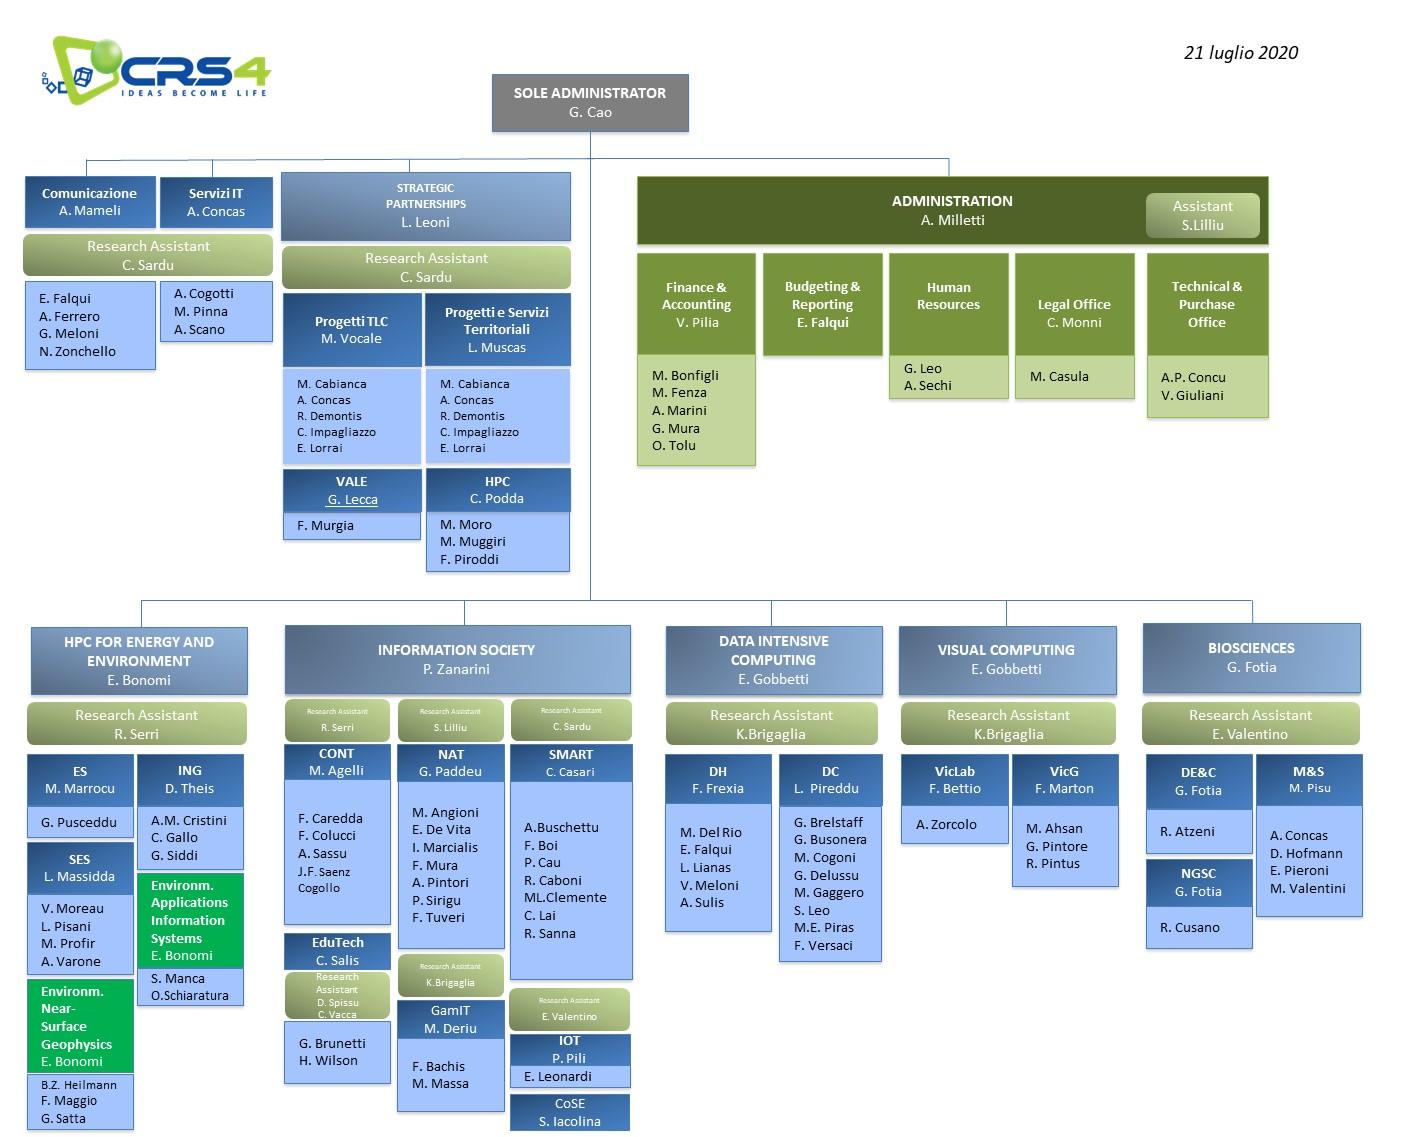 Schema Organigramma CRS4 Luglio 2020